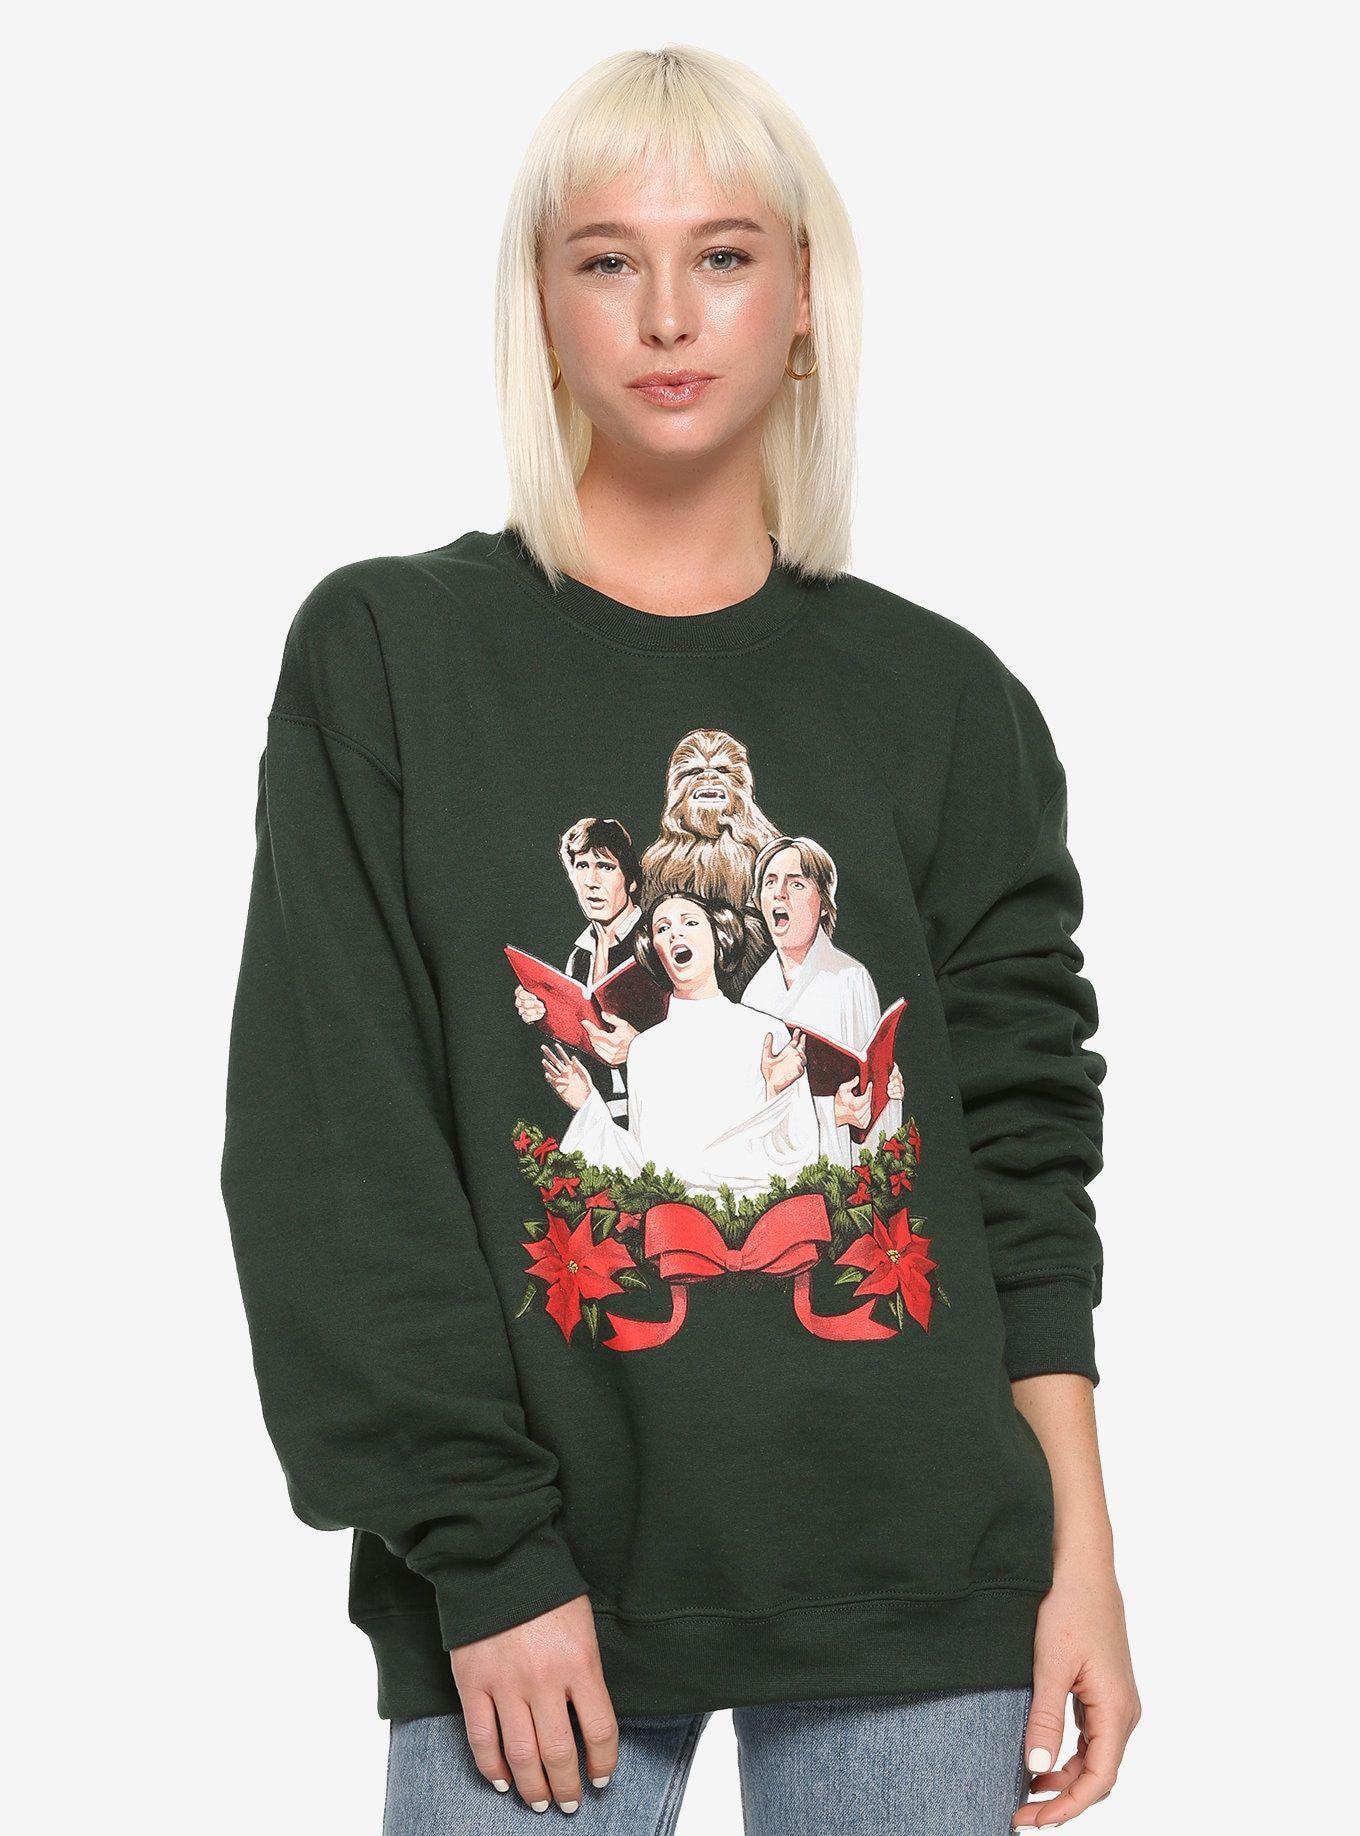 b8a24de11a2 Krampus Sweaters